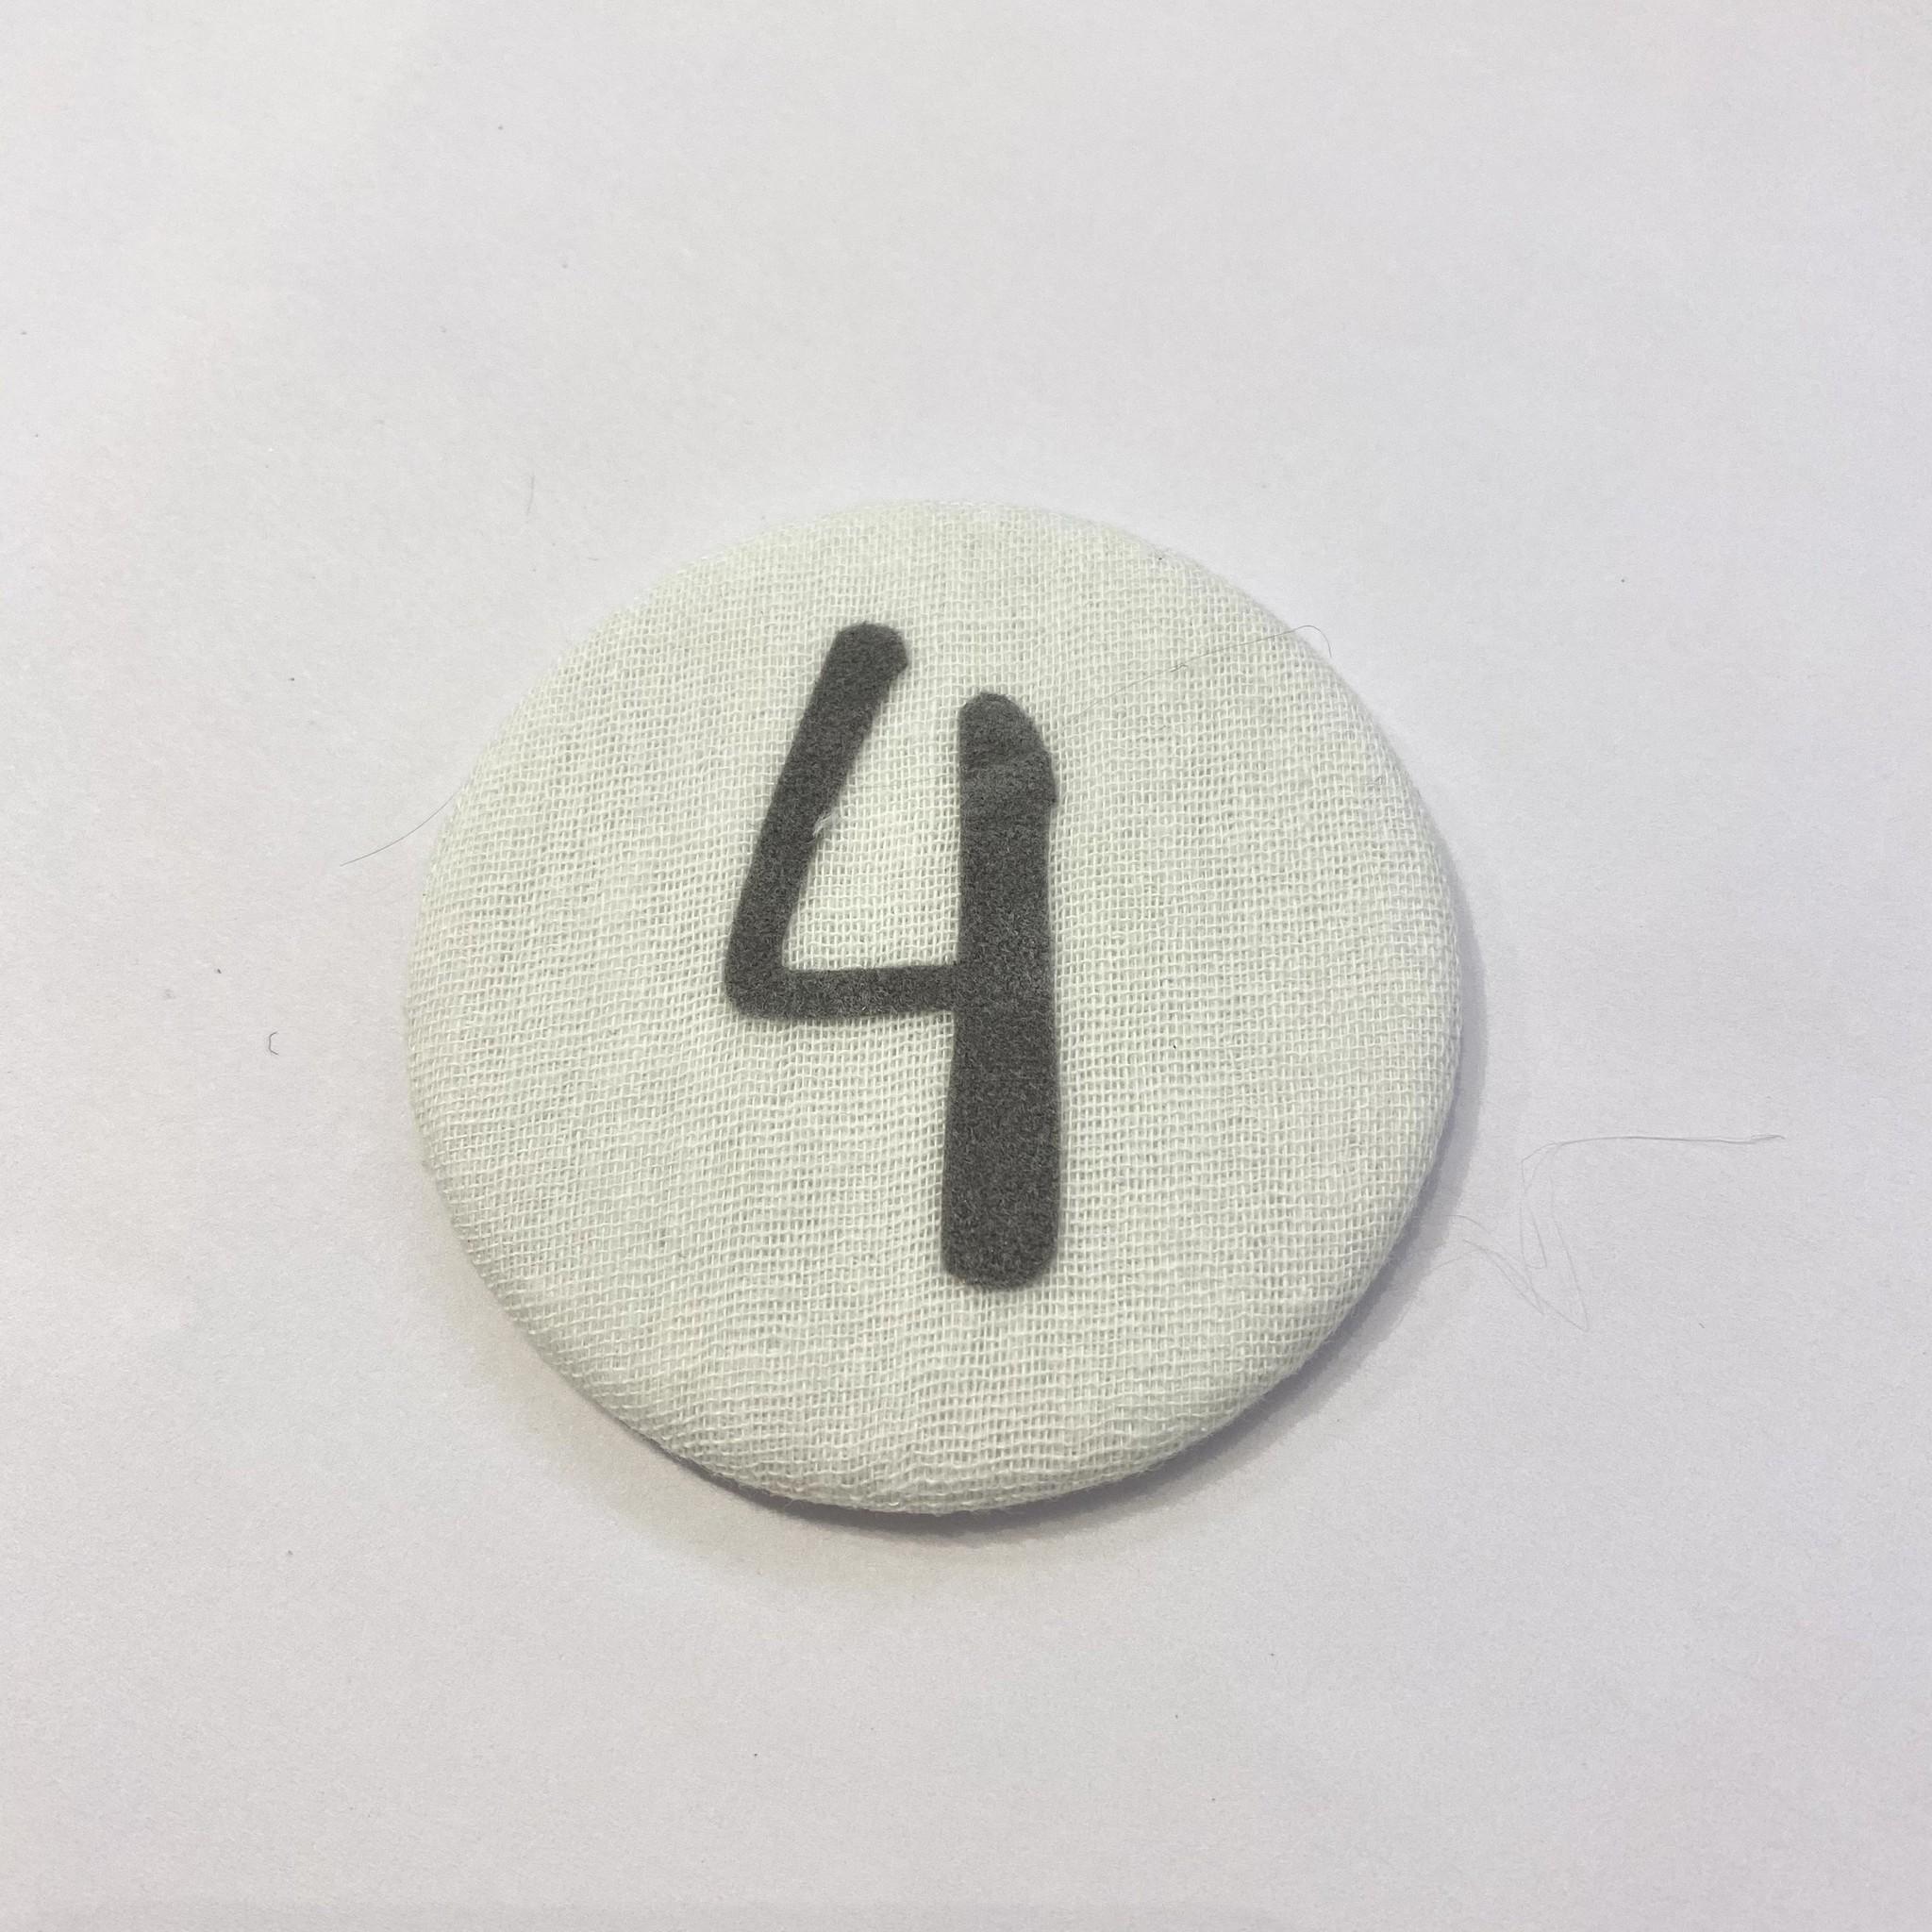 Cijferknop 4 Grijs - Liezelijn-1